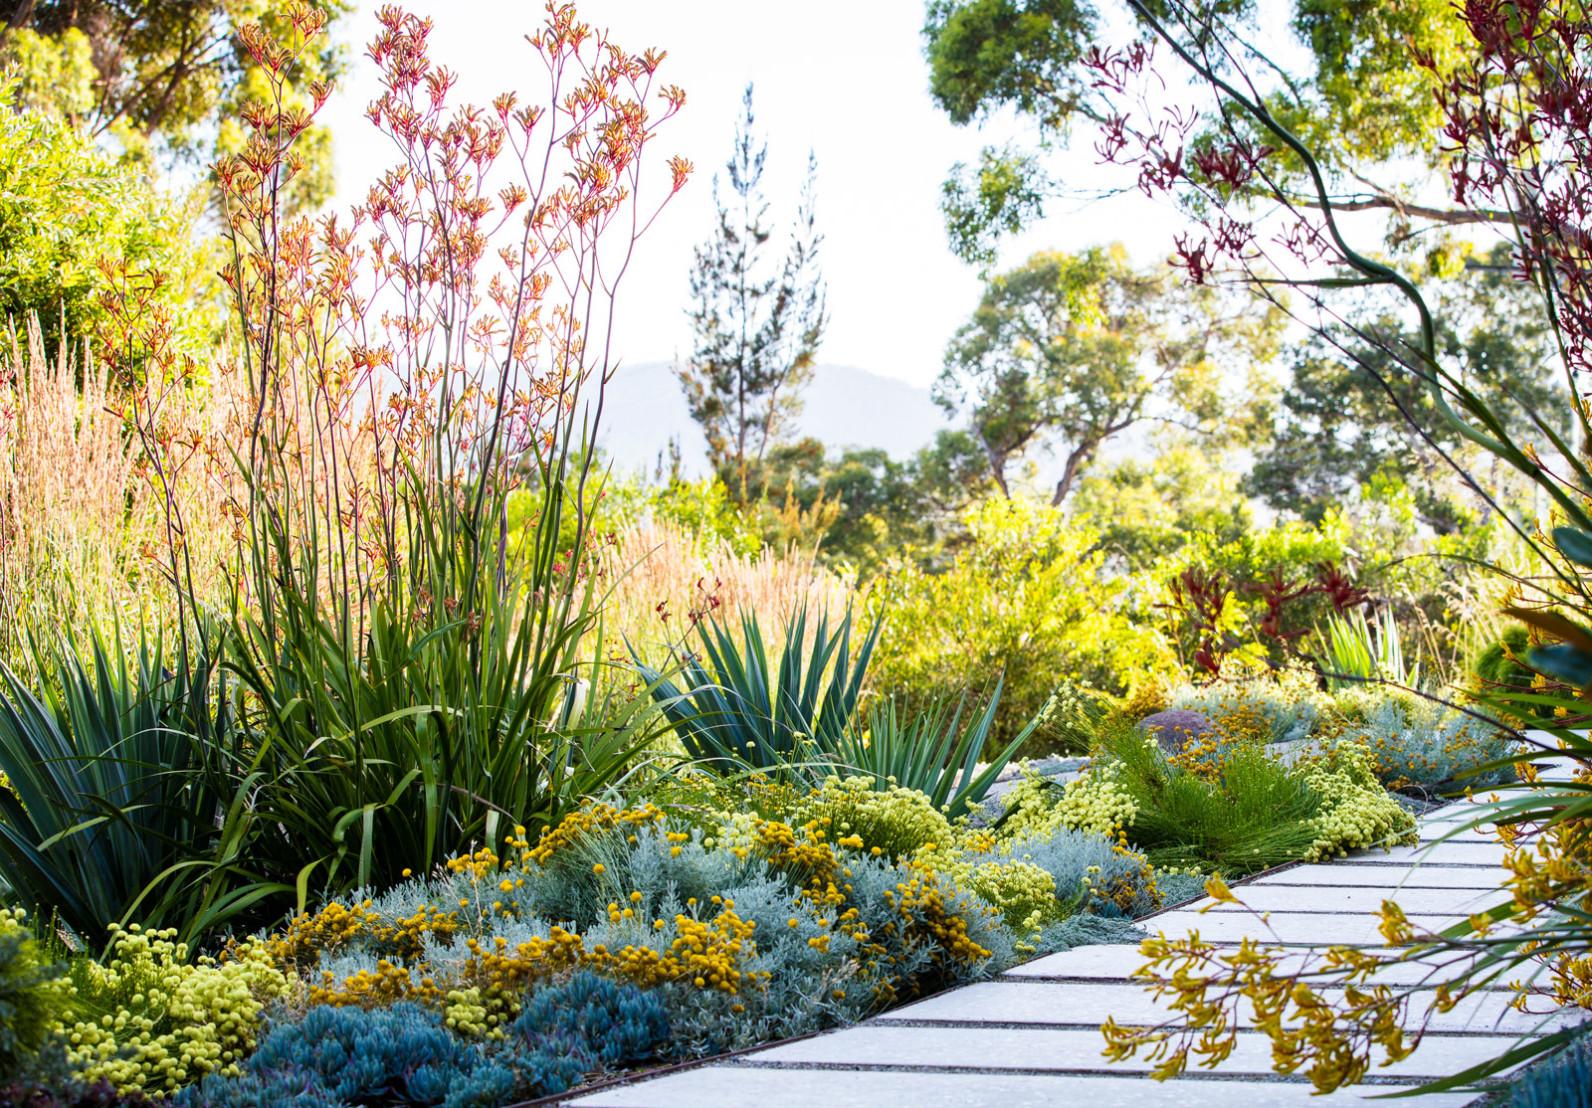 coningham garden image